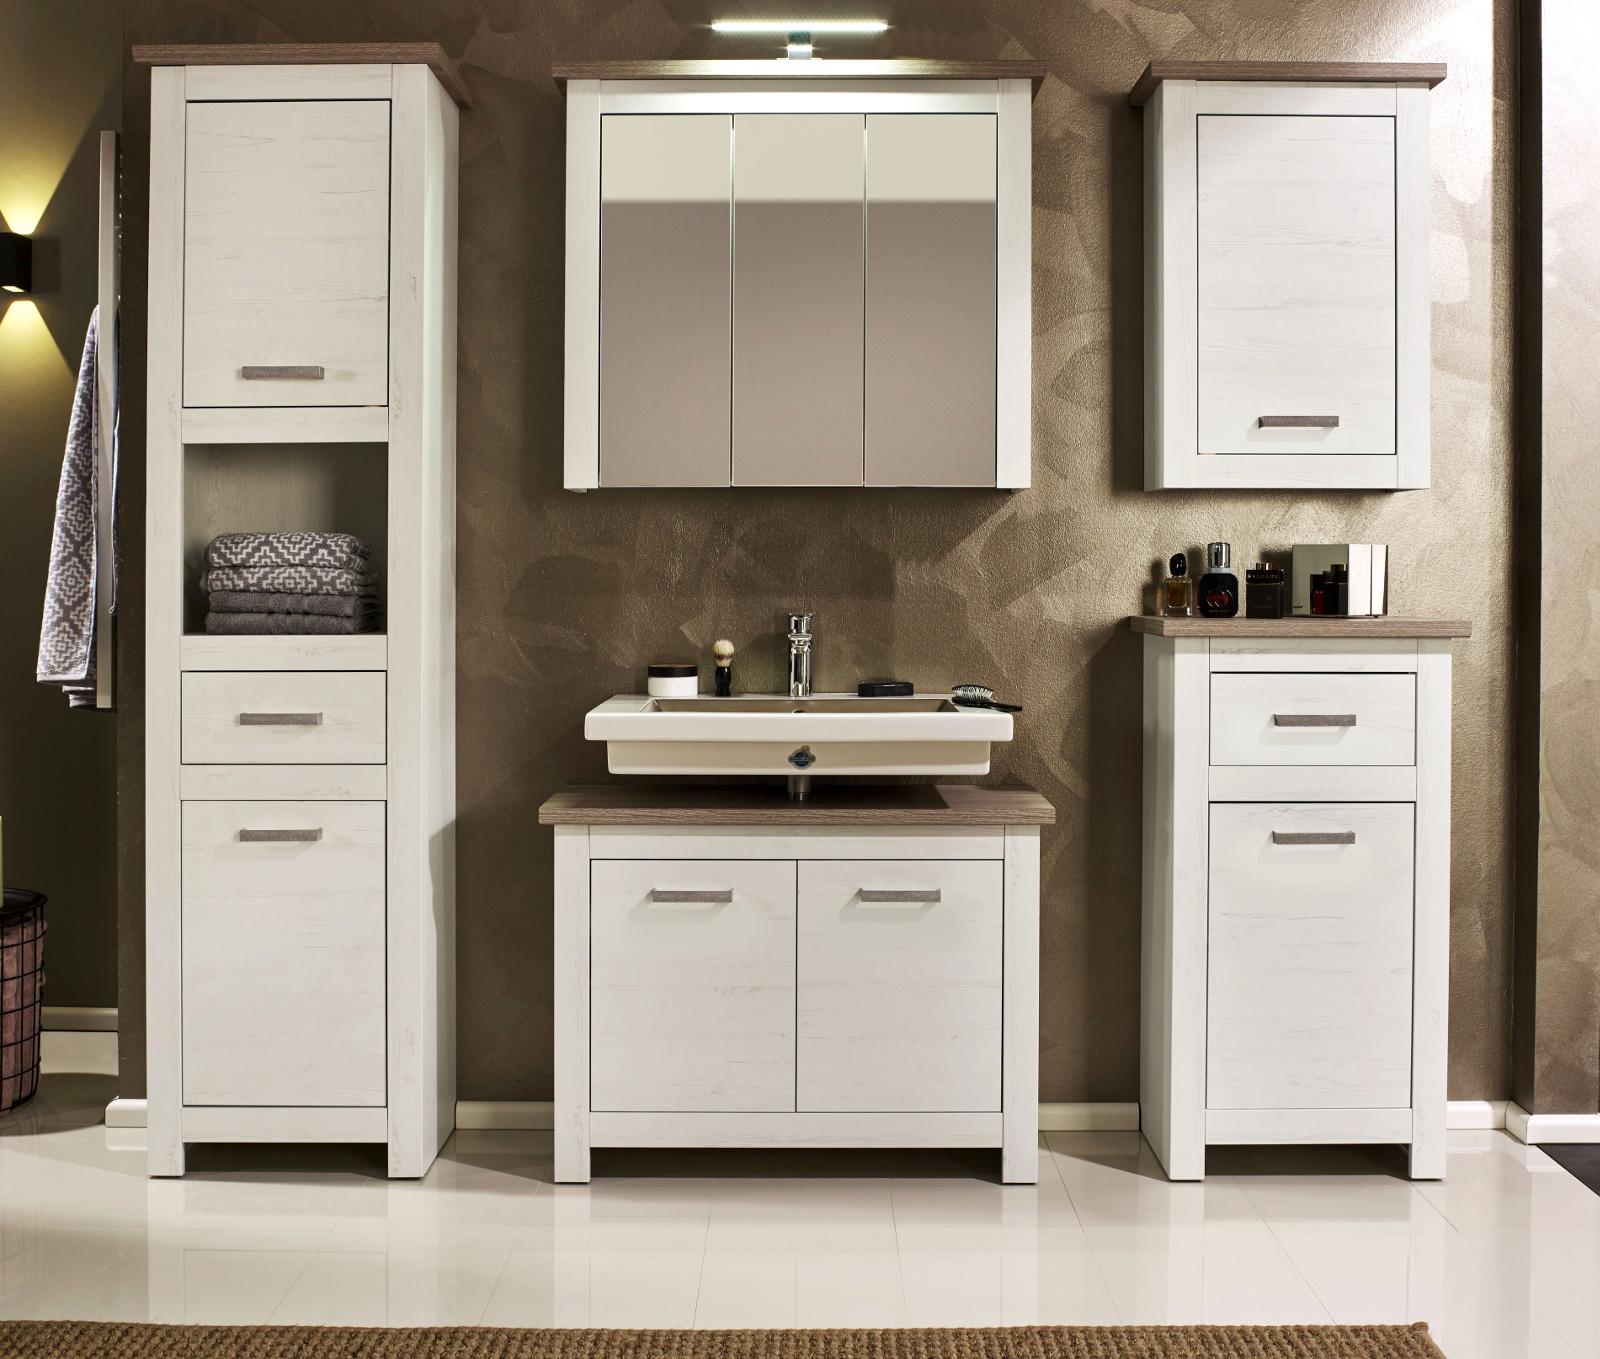 Badezimmer Standschrank Lotte Struktur weiß